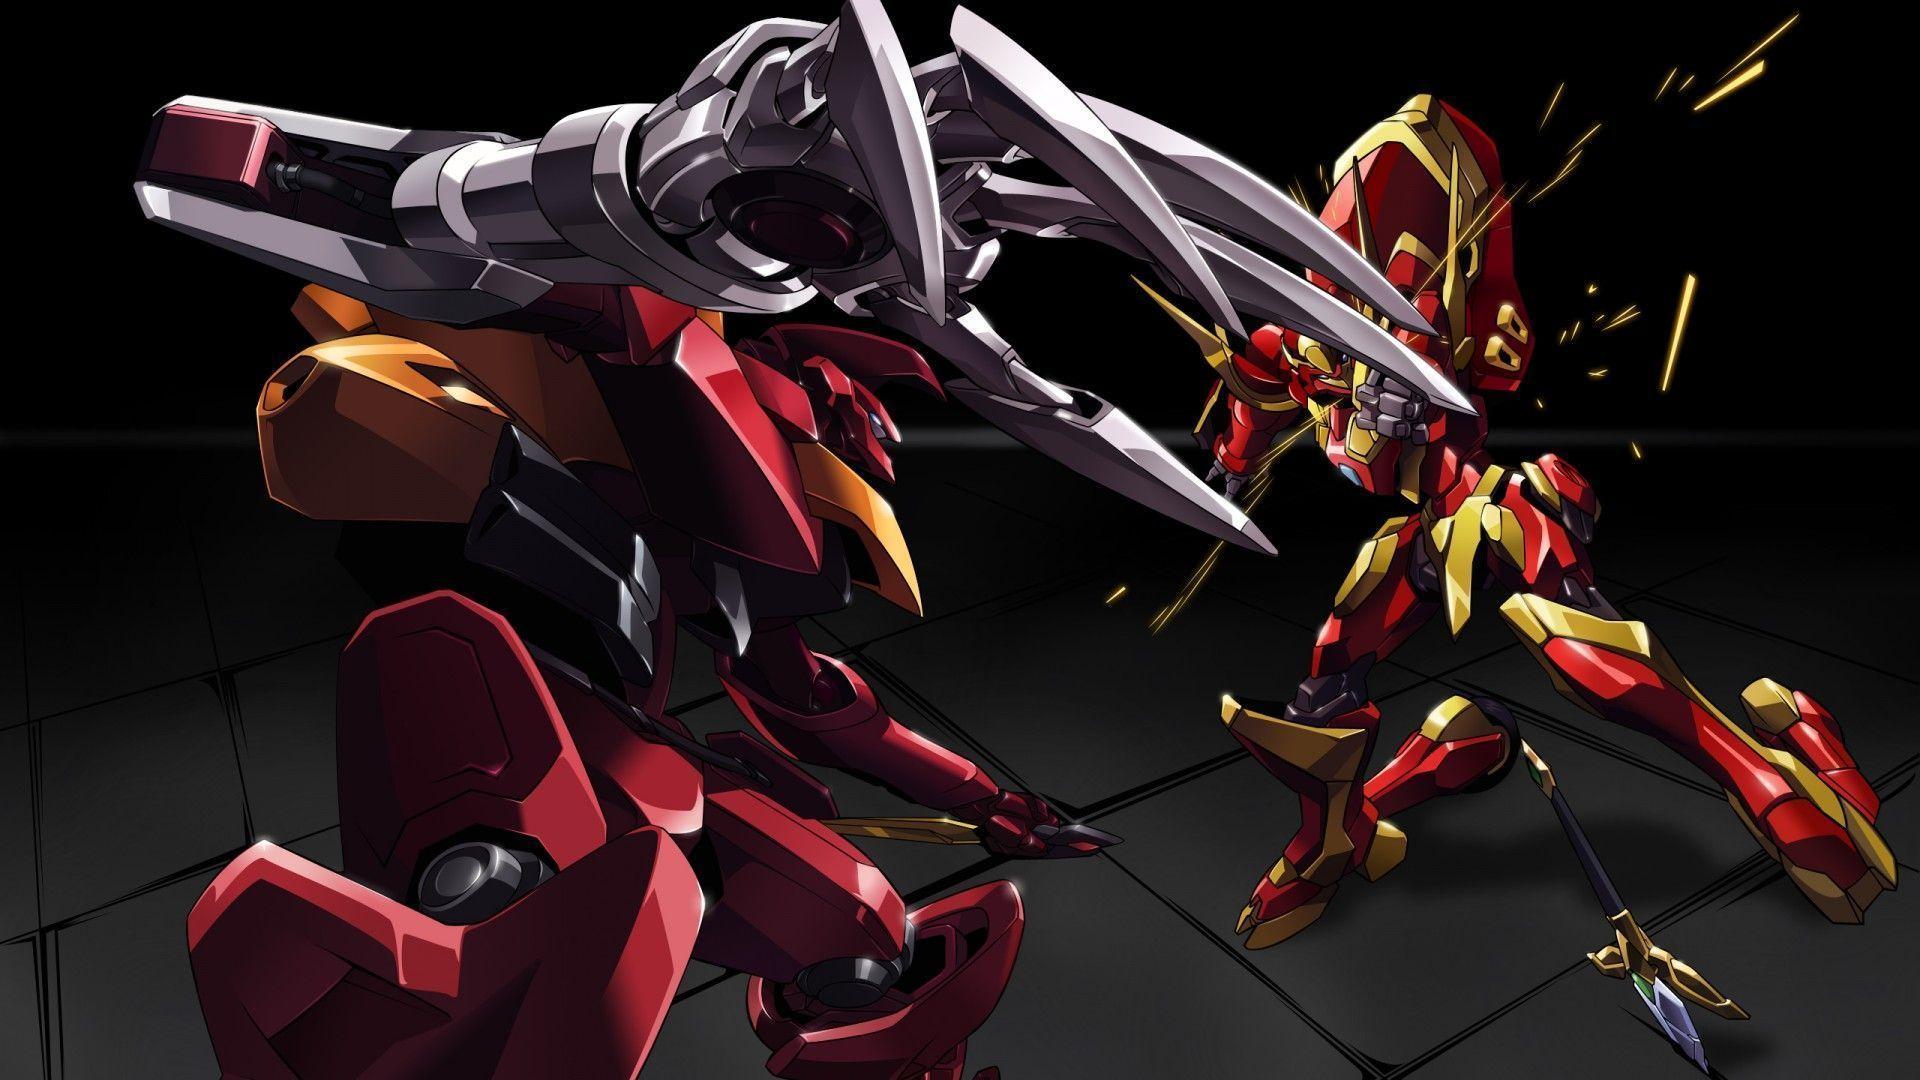 Code Geass Knightmare Wallpaper 1080p Code Geass Wallpaper Code Geass Anime Wallpaper